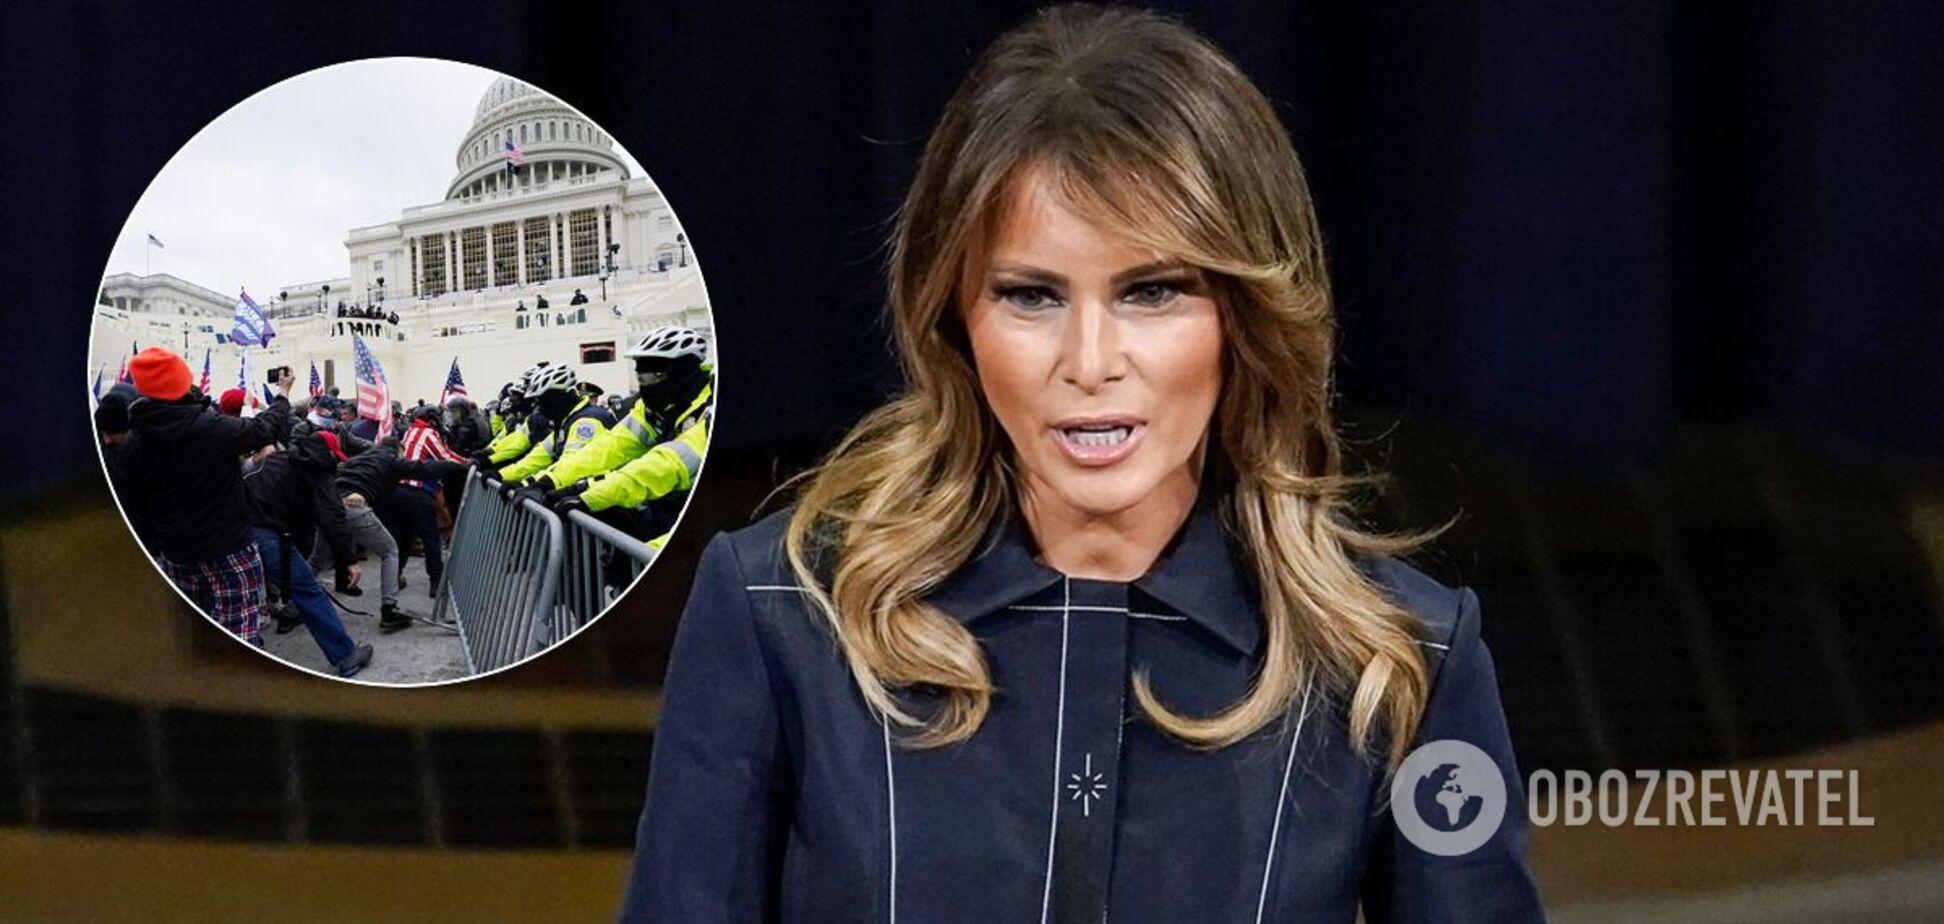 Дружина Трампа 'засмутилася' через штурм Капітолію і плітки про неї